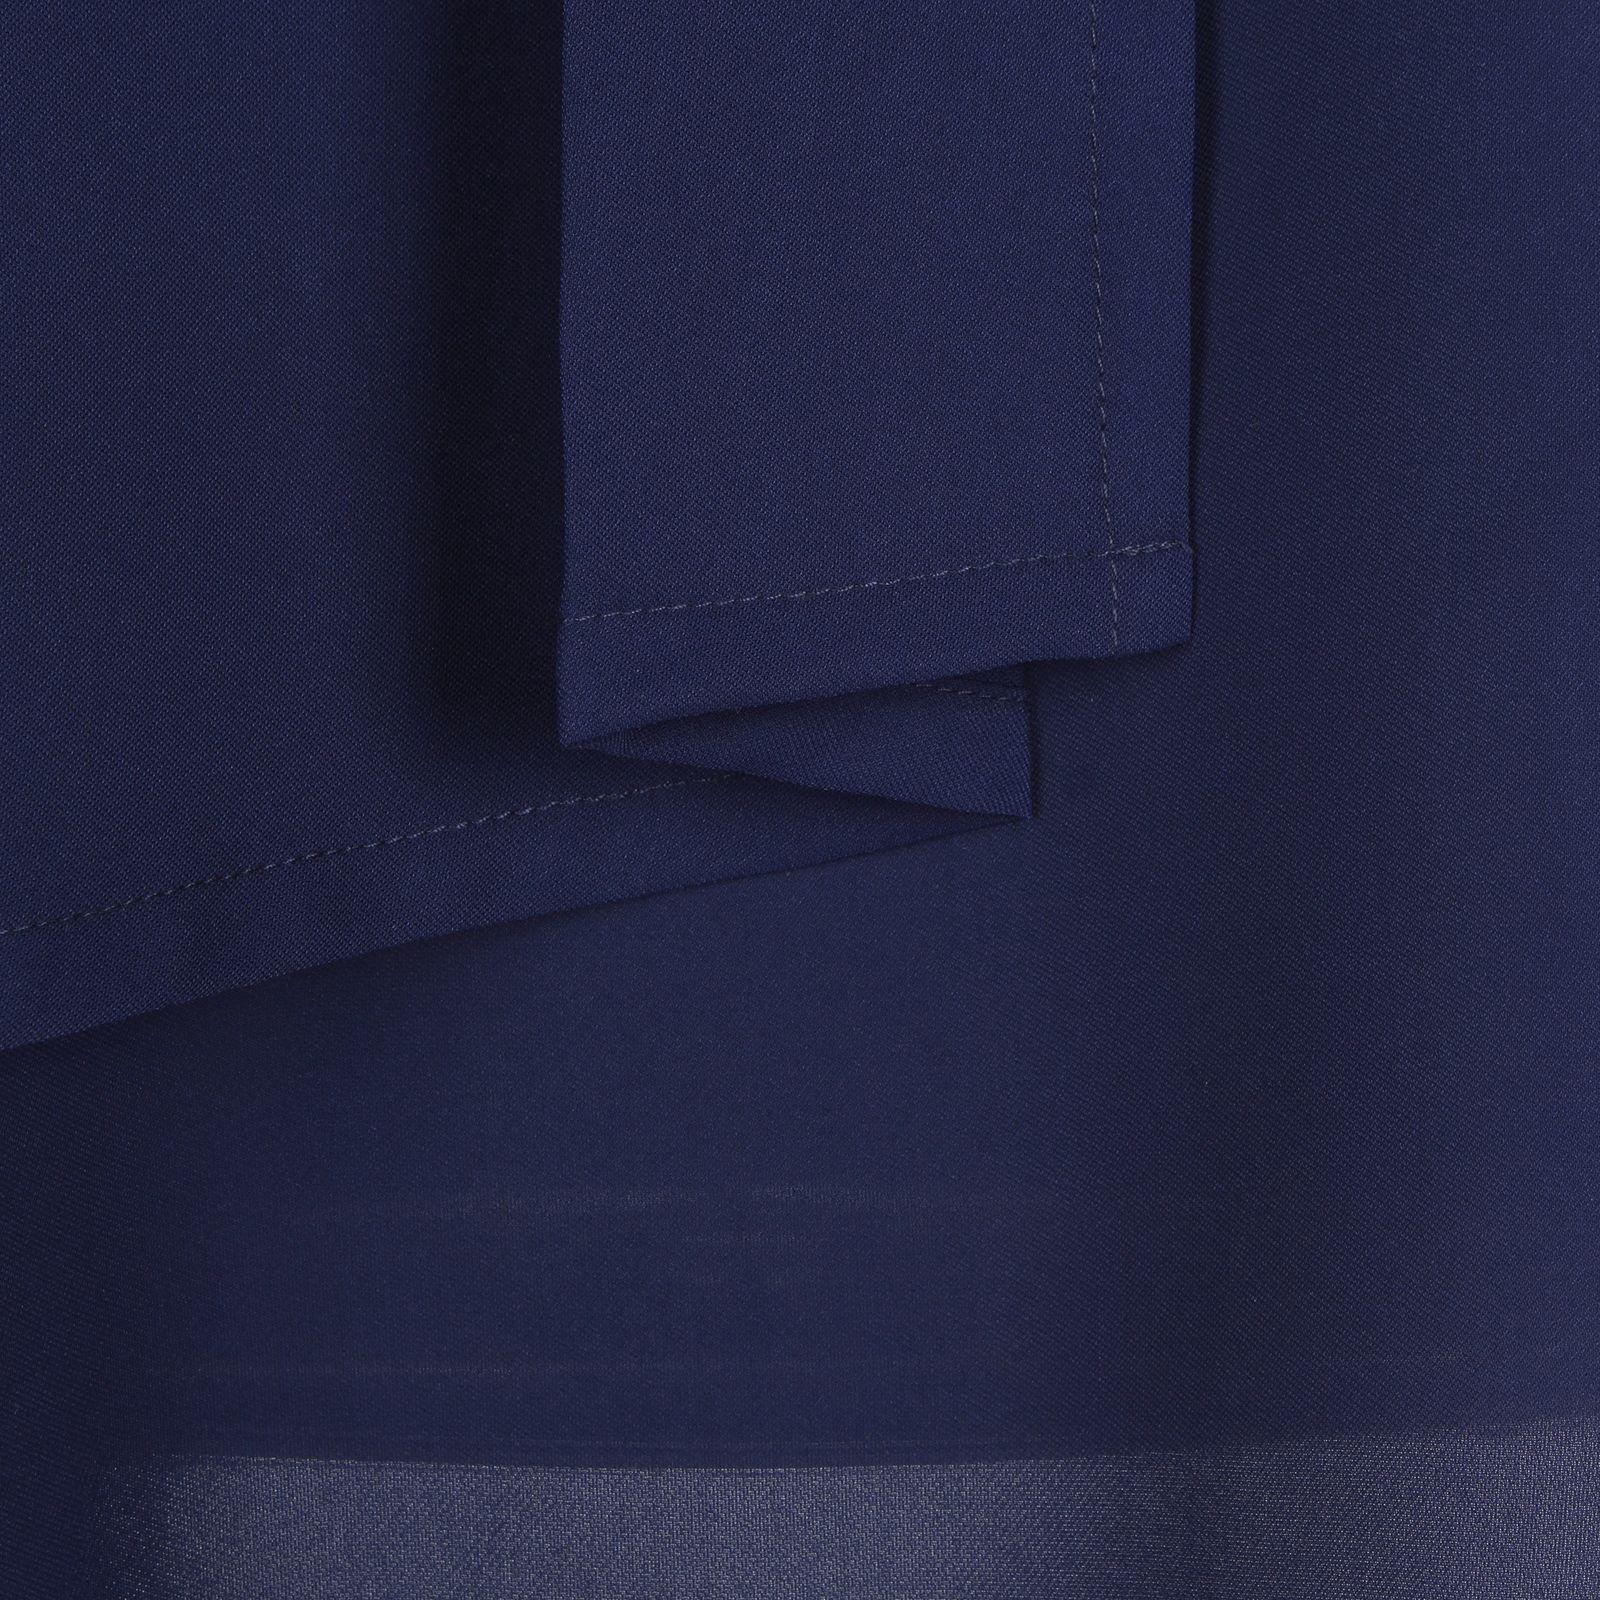 تاپ زنانه زیبو مدل سوبا کد 01334 -  - 4